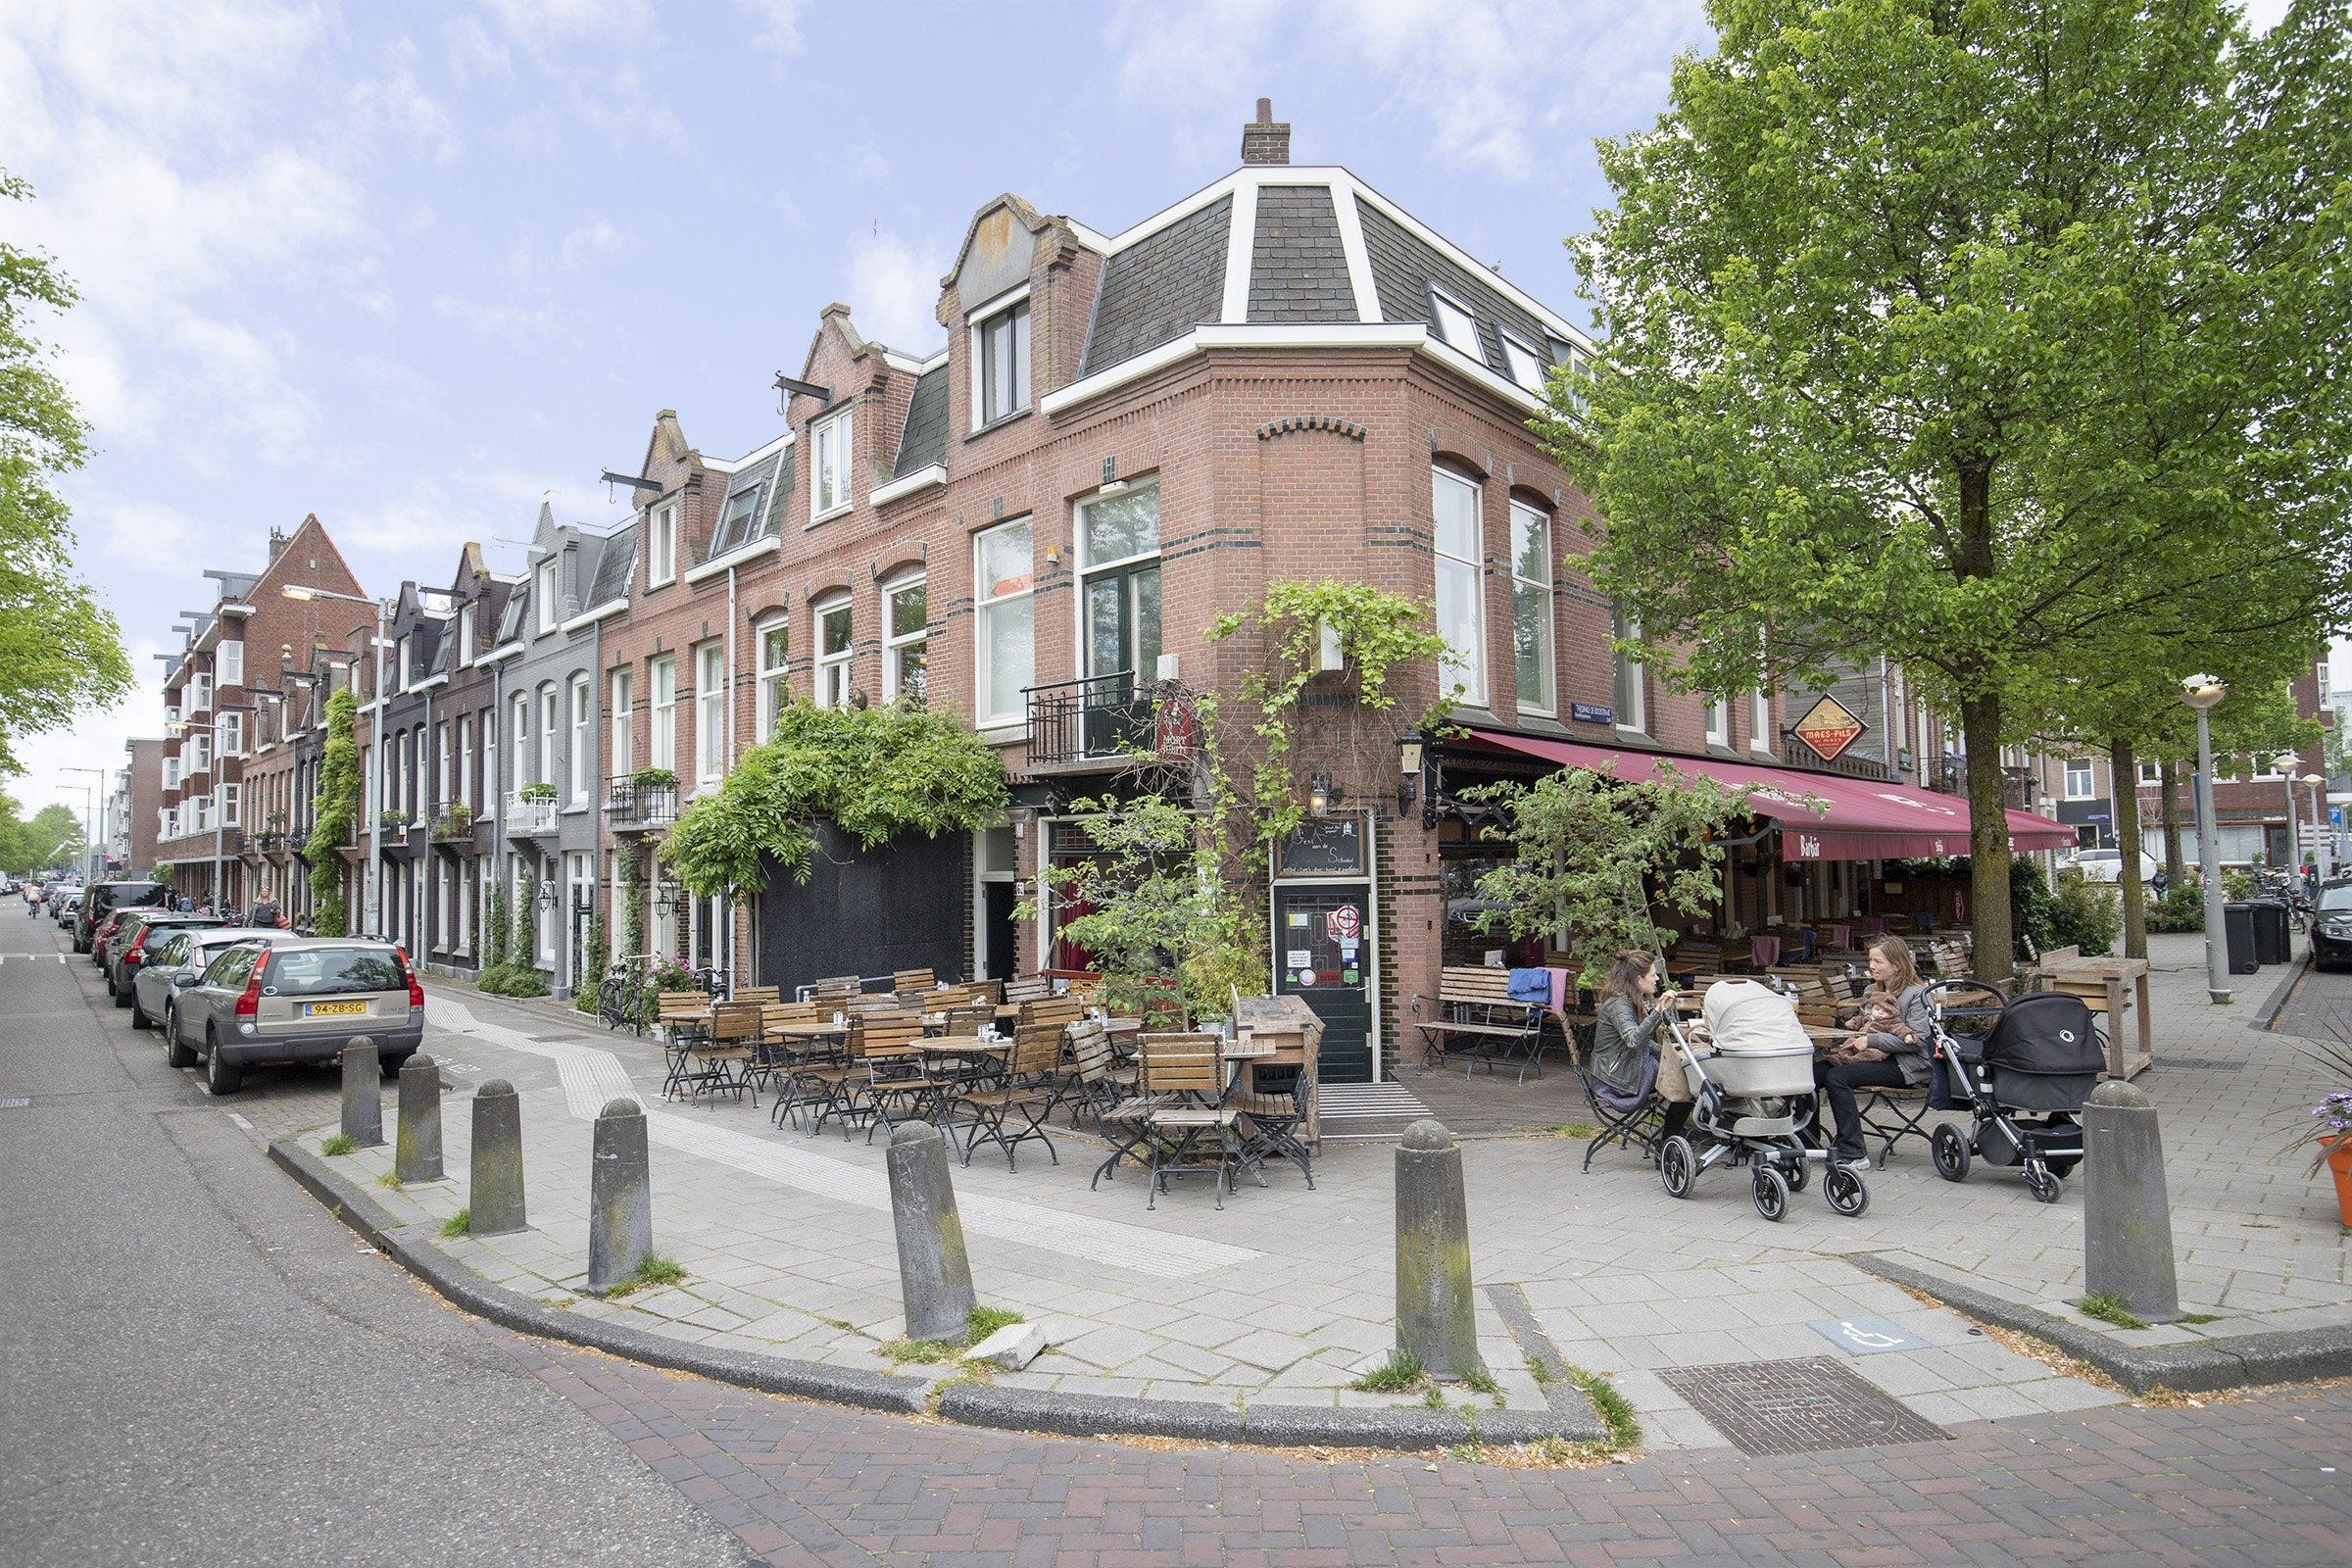 Sloterkade / Amsterdam